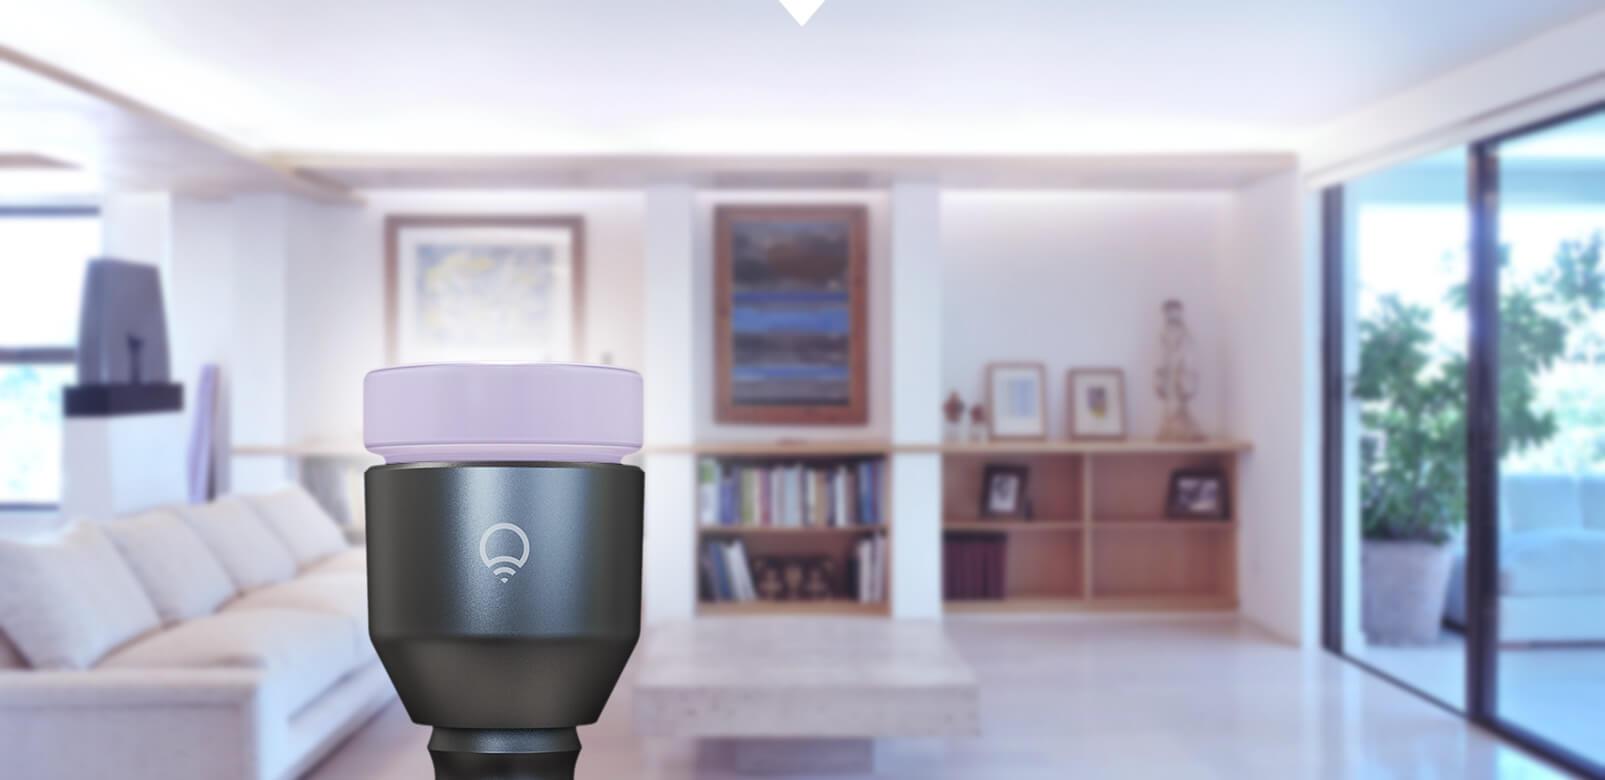 Умные светодиодные лампочки: что может предложить рынок? - 5